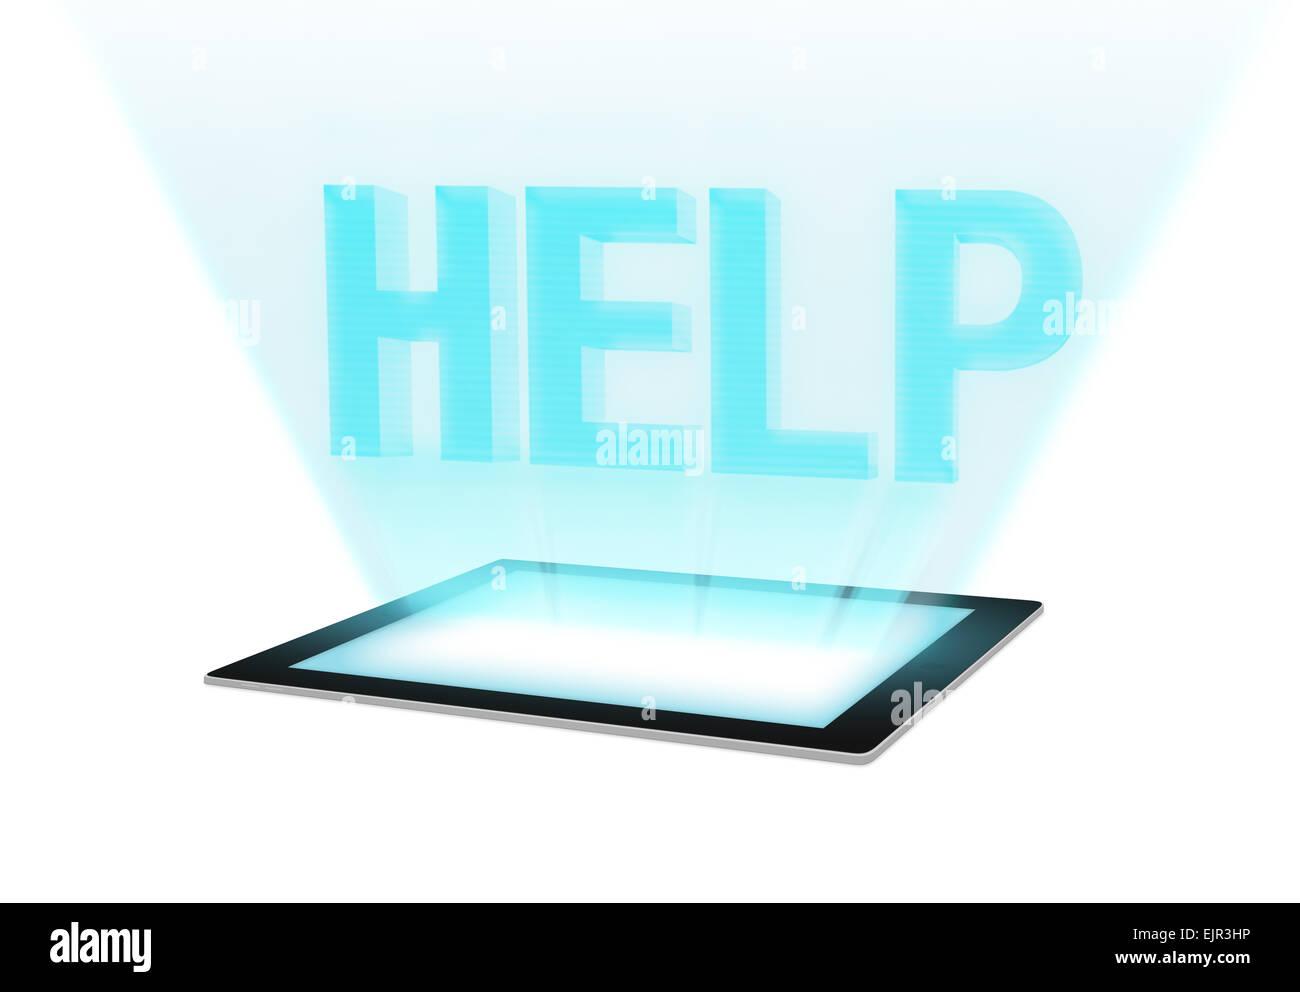 Technologie futuriste avec message d'aide sur écran tactile Tablet. Représentant support technique Photo Stock